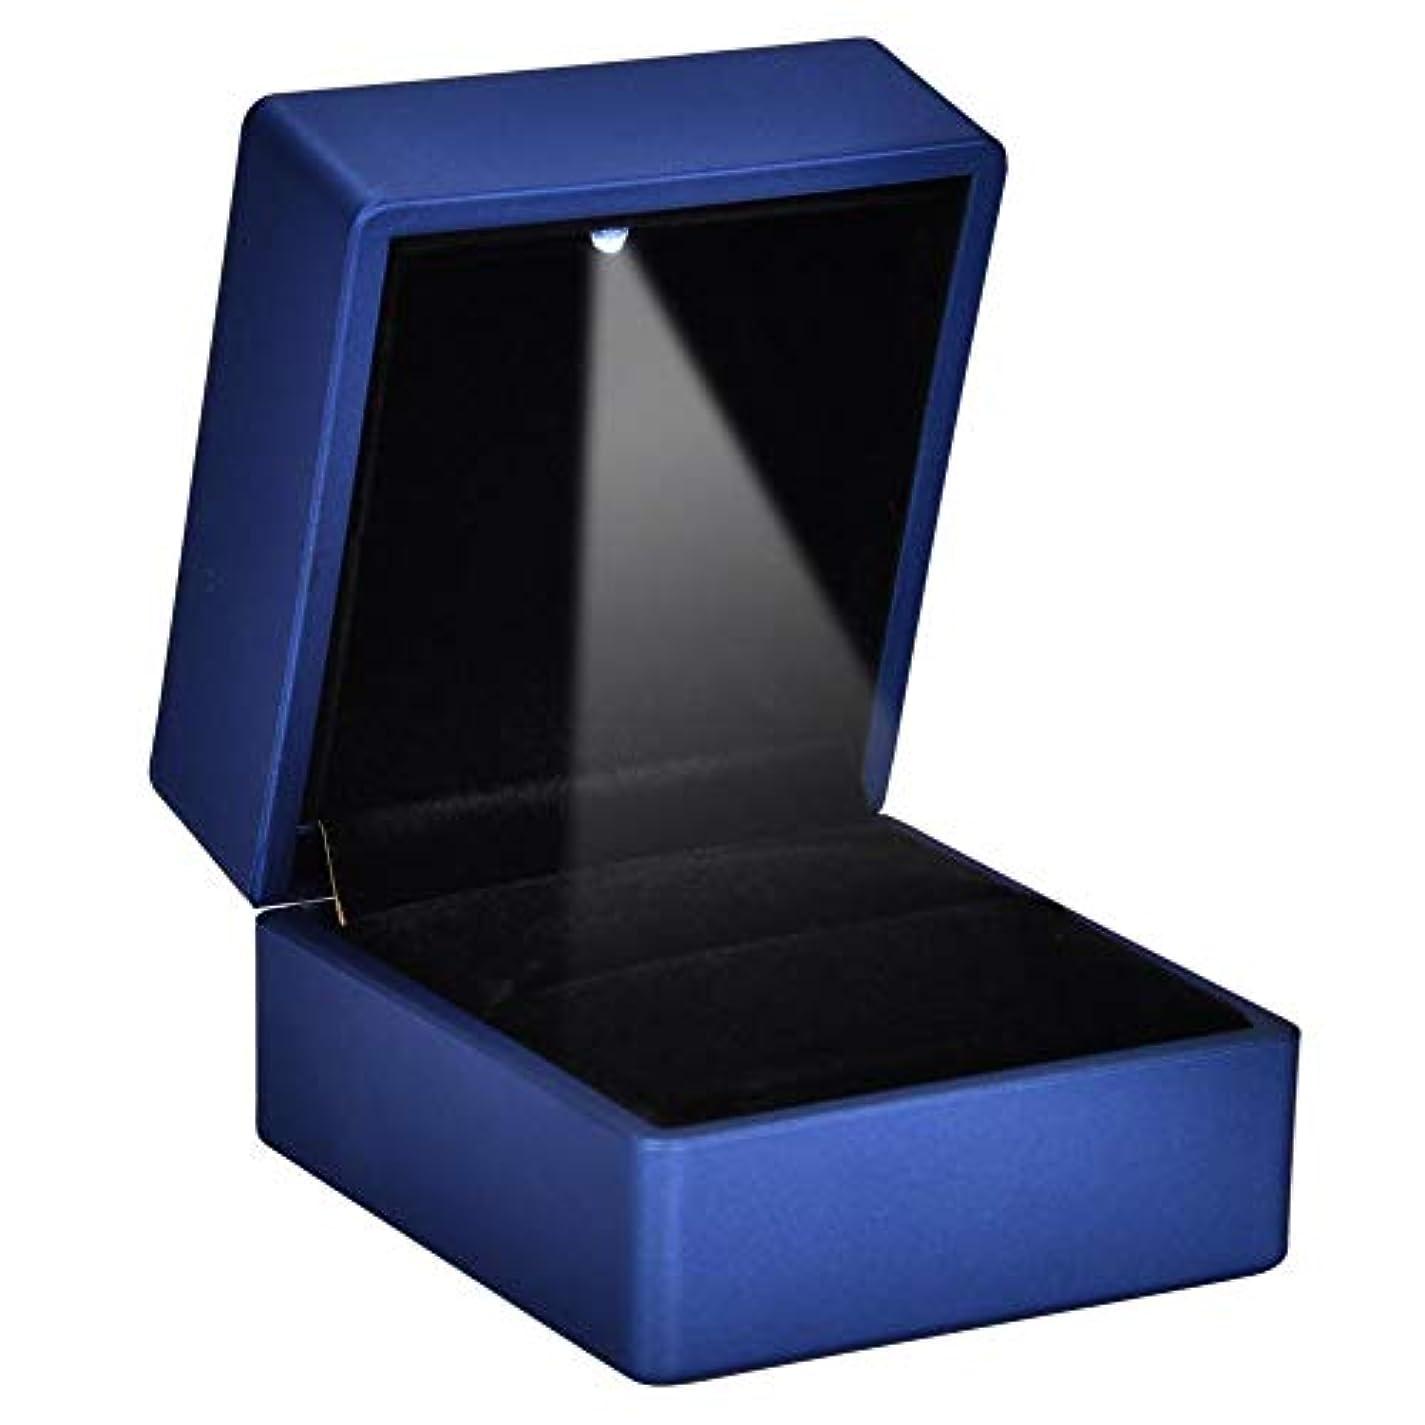 傘プールフェザー2種類ファッショナブルなLEDリングボックス - 内部LED照明付きリングケース、ジュエリーホルダーリング収納ケース、結婚式の提案(ブルー-90 * 70 * 35)